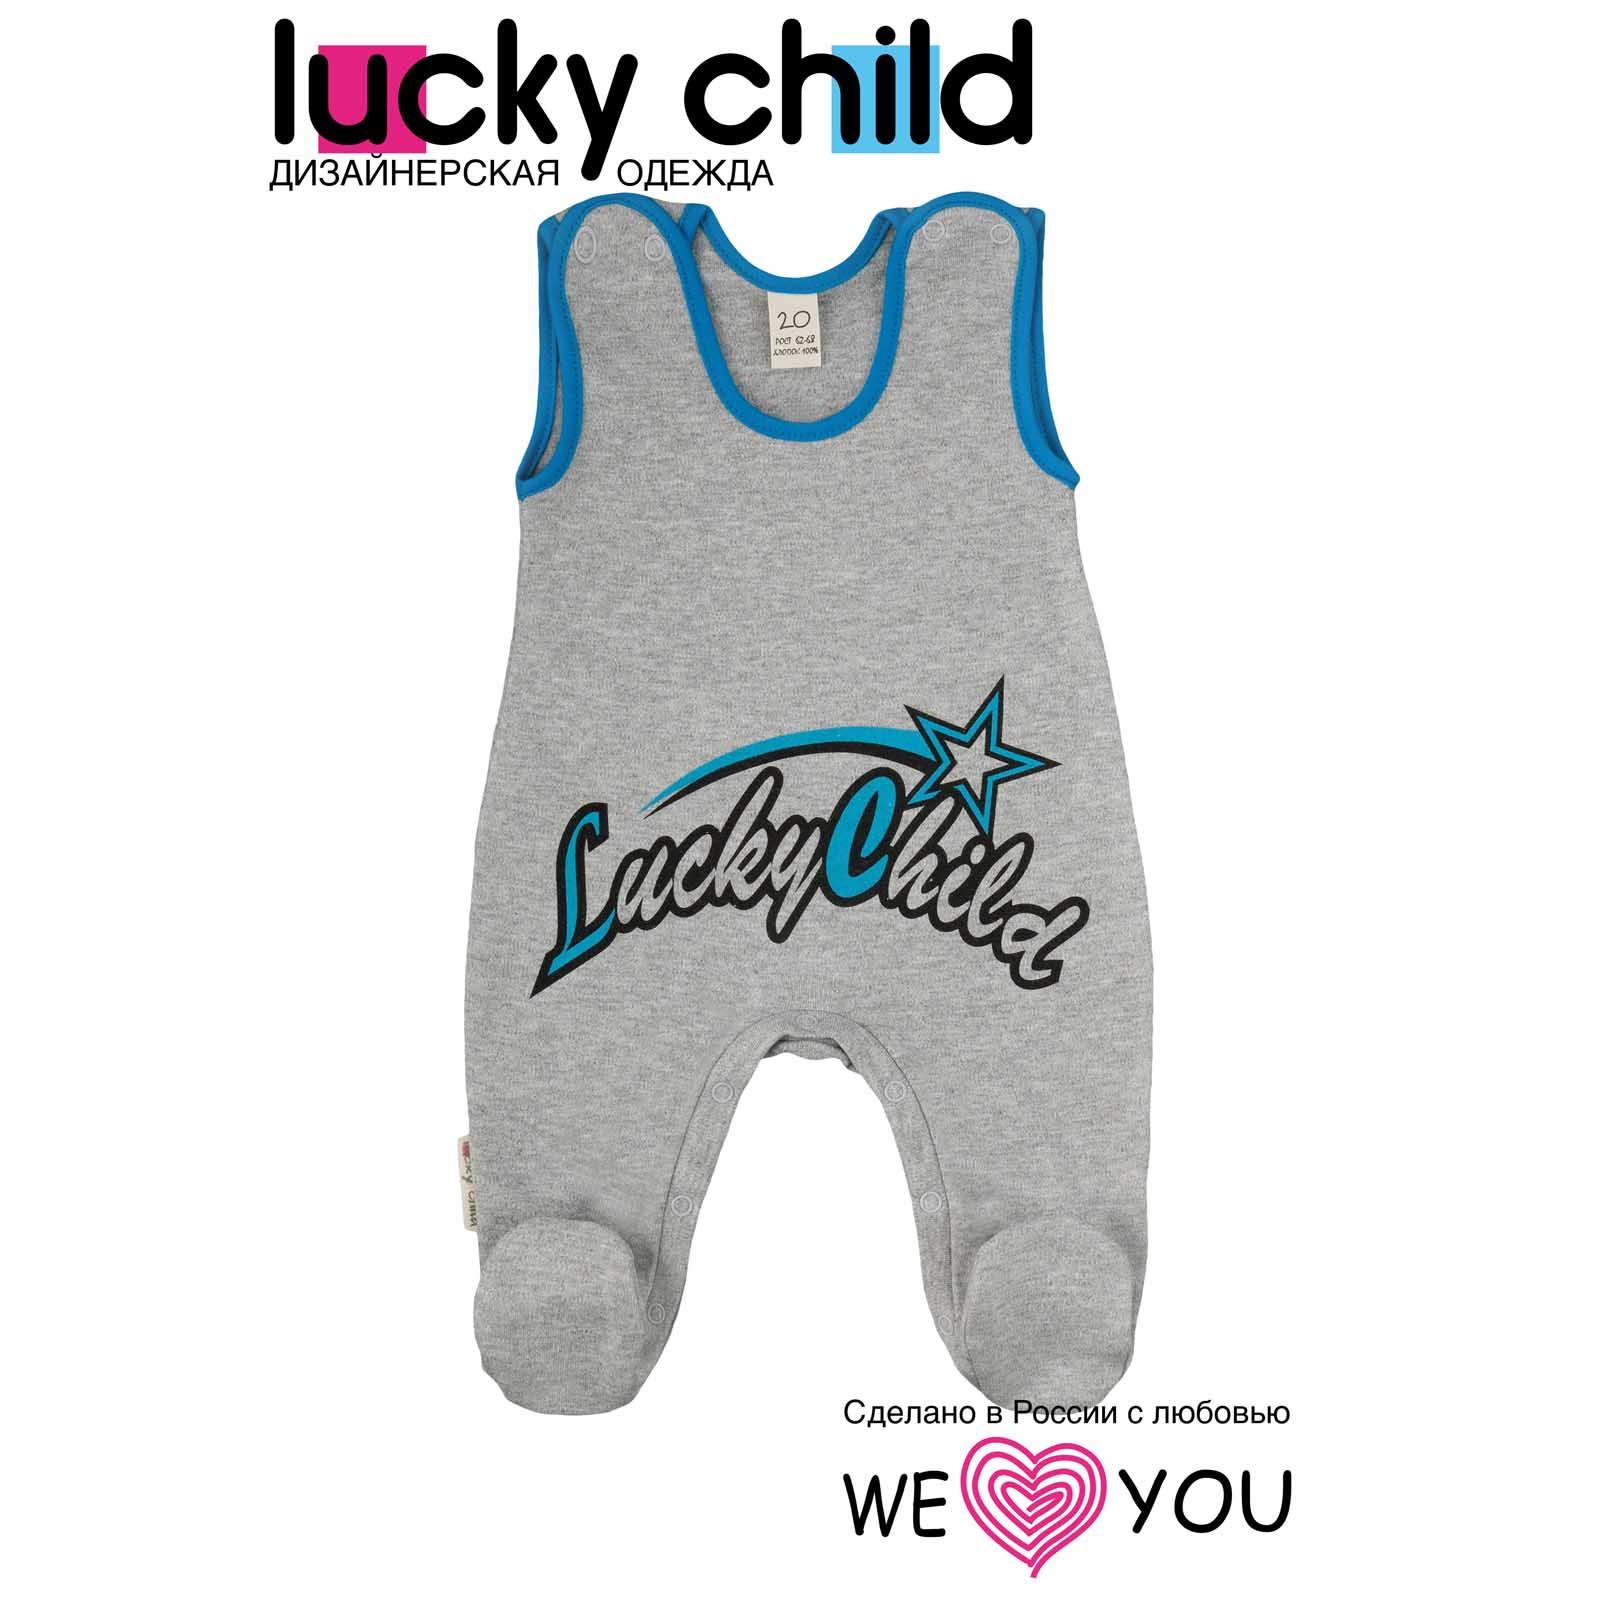 Ползунки высокие Lucky Child, коллекция Спортивная линия, для мальчика размер 74<br>